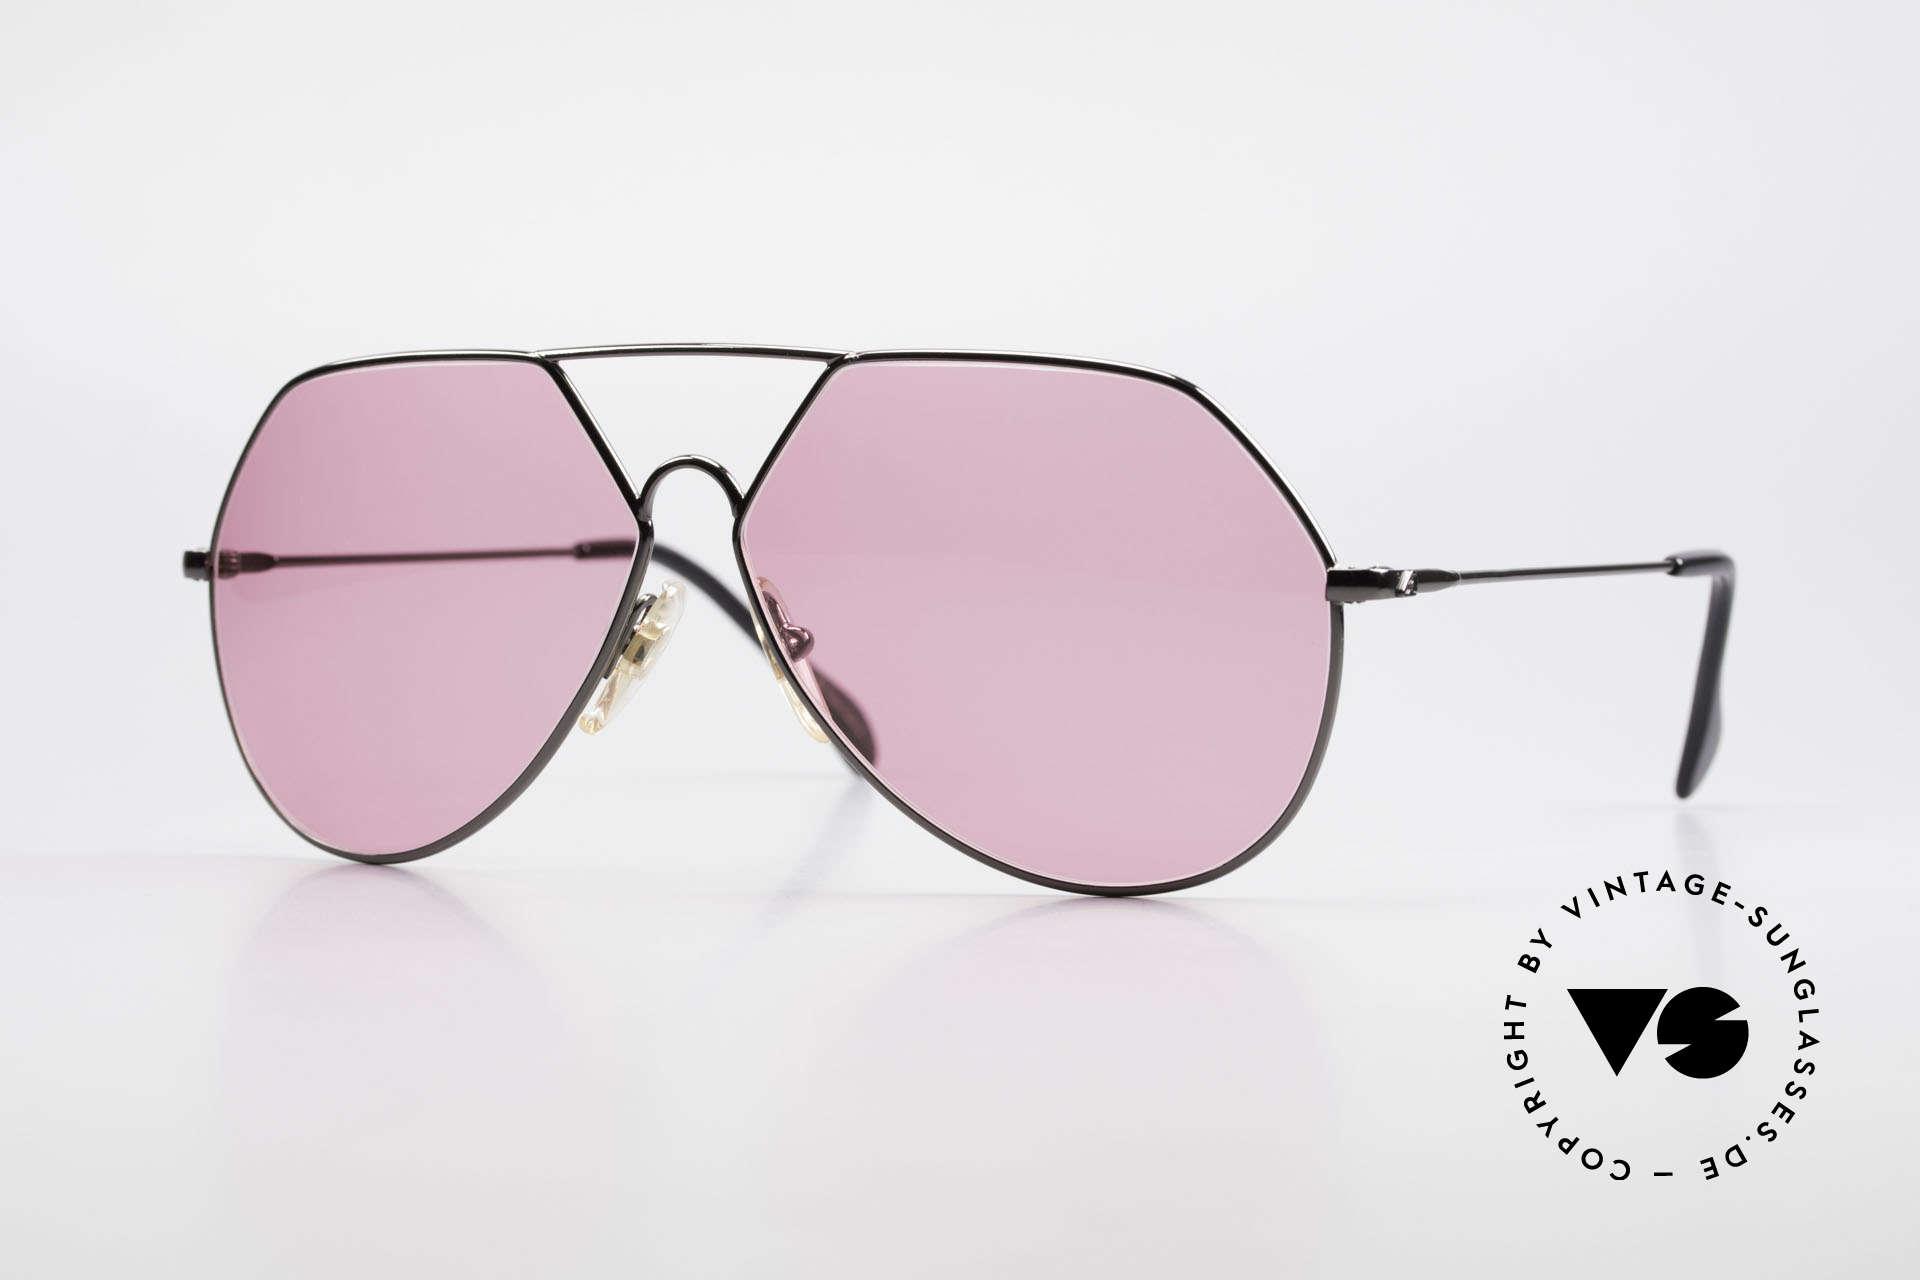 Alpina TR6 Alte 80er Aviator Brille Pink, sehr seltene alte ALPINA Sonnenbrille von 1986, Passend für Herren